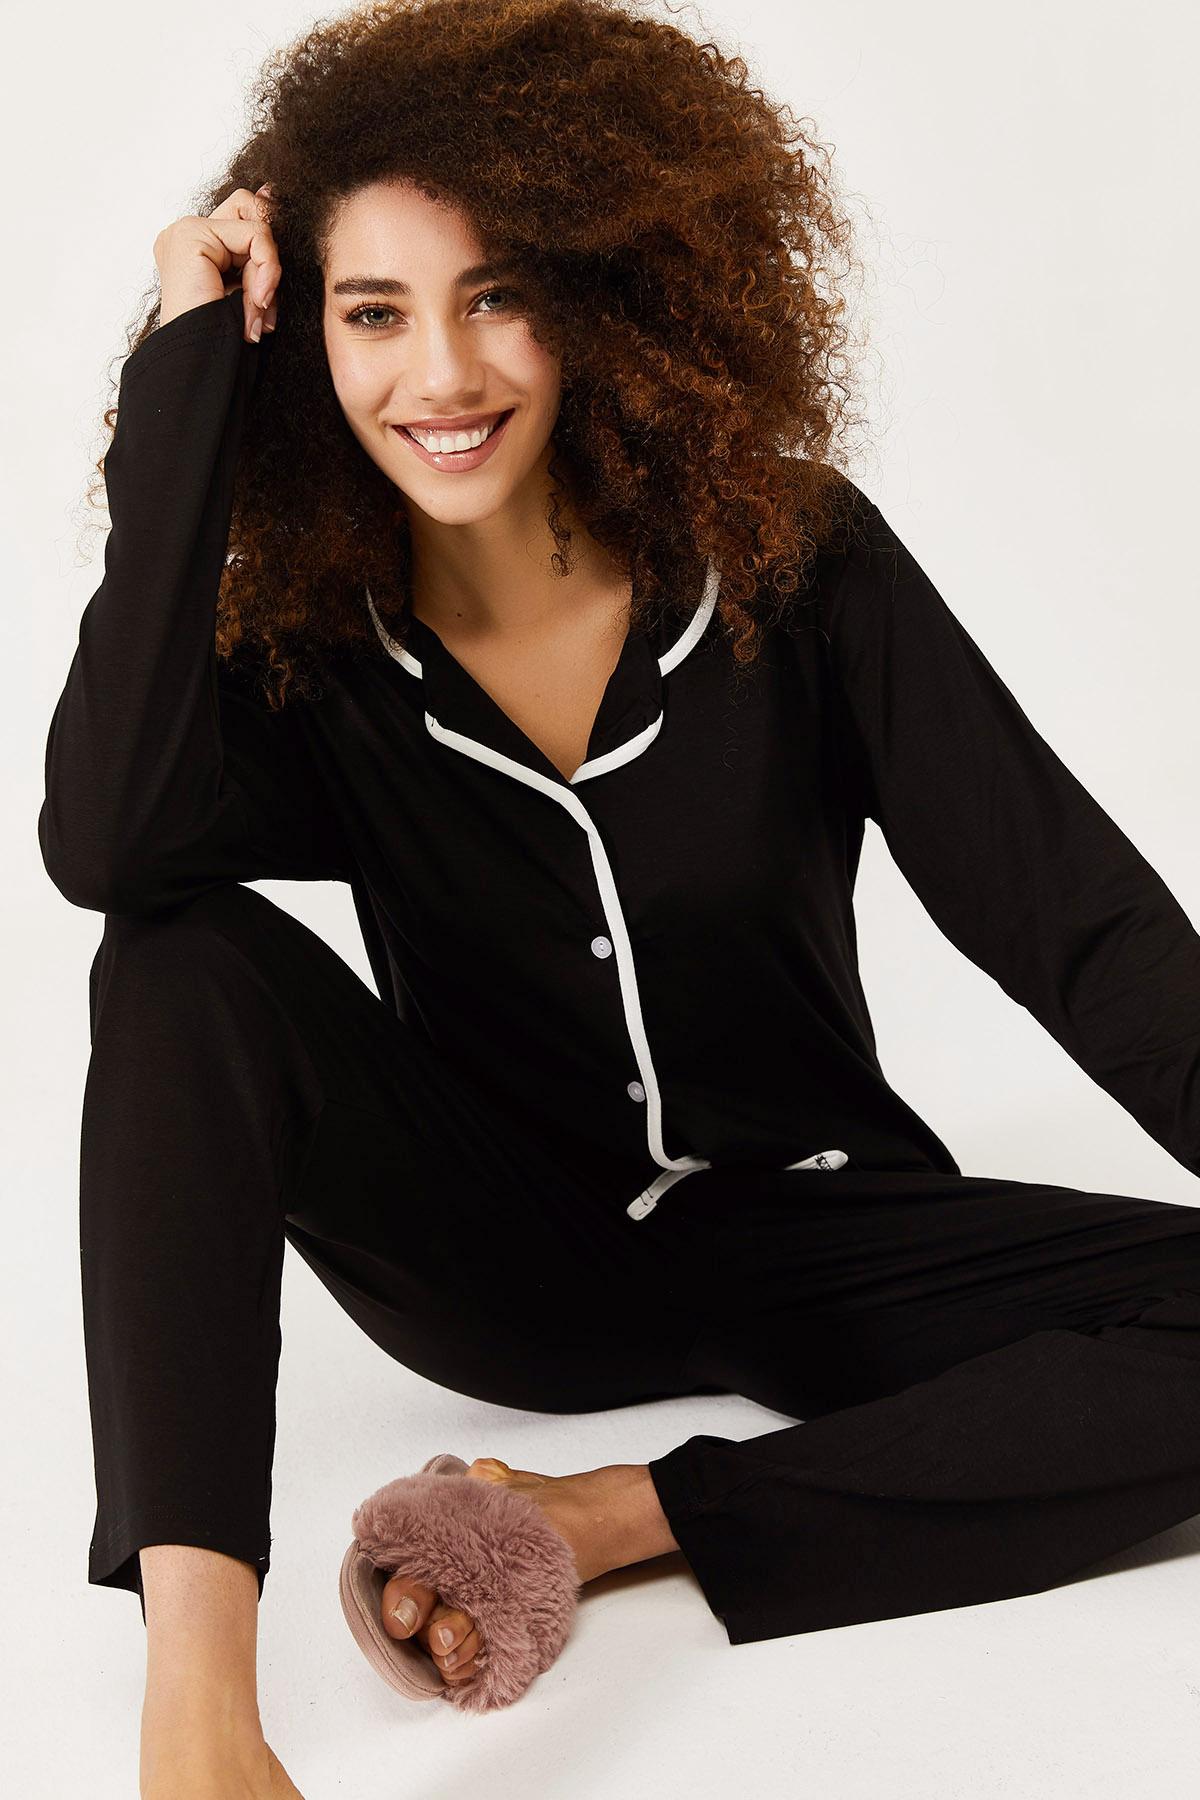 XHAN - Siyah Yumuşak Dokulu Esnek Örme Pijama Takımı 1KXK8-44581-02